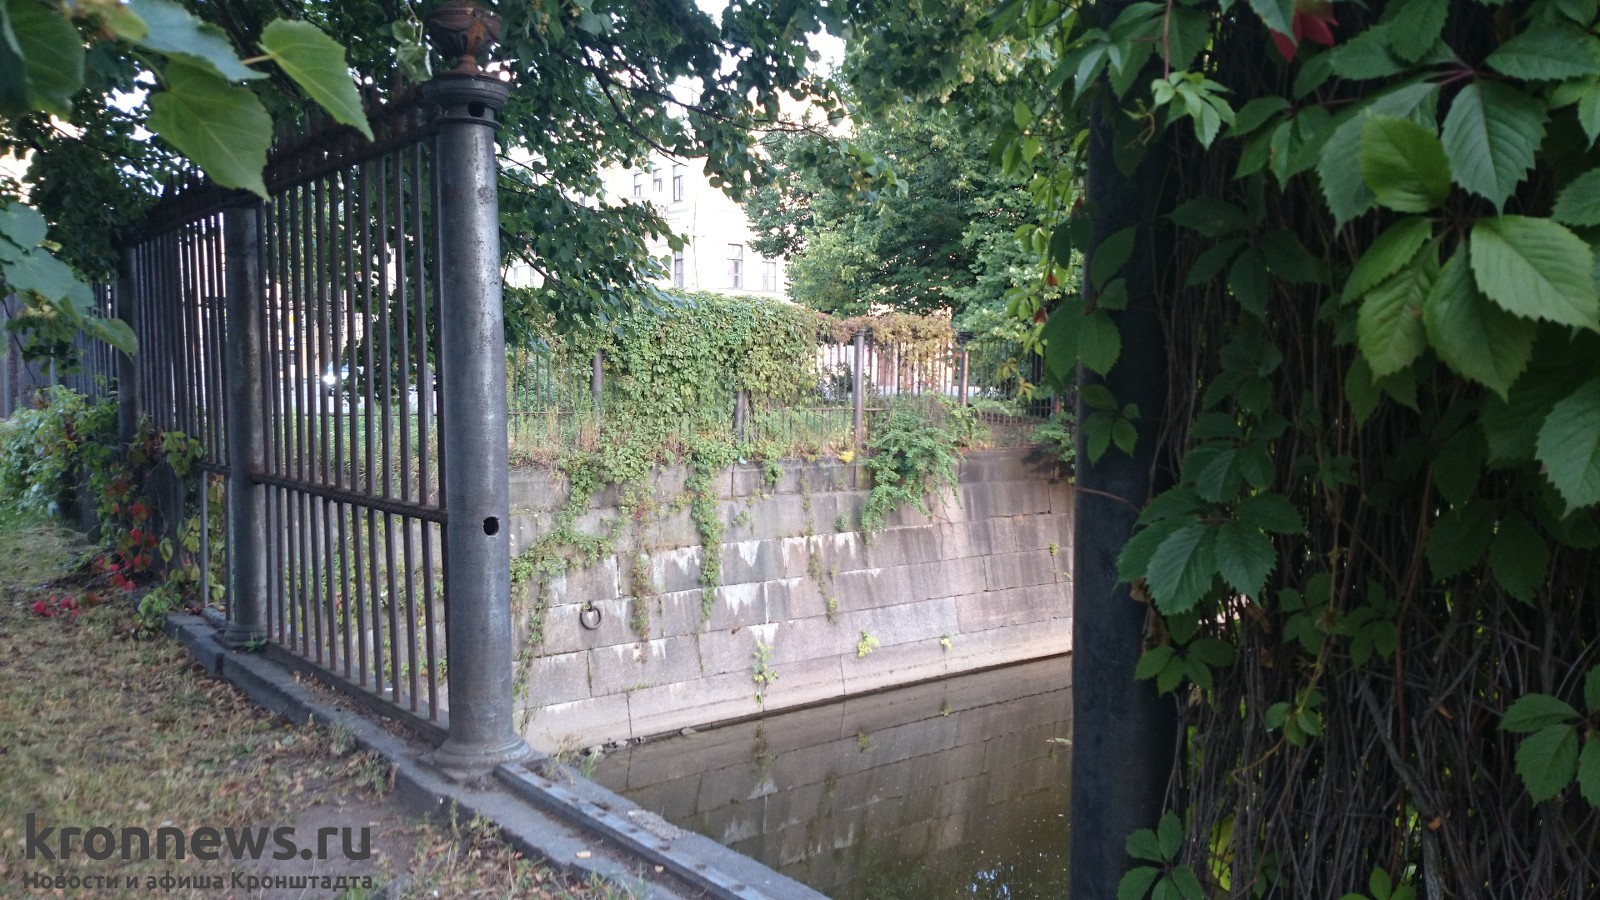 фото кронштадтской решетки советского парка хороший антивирус